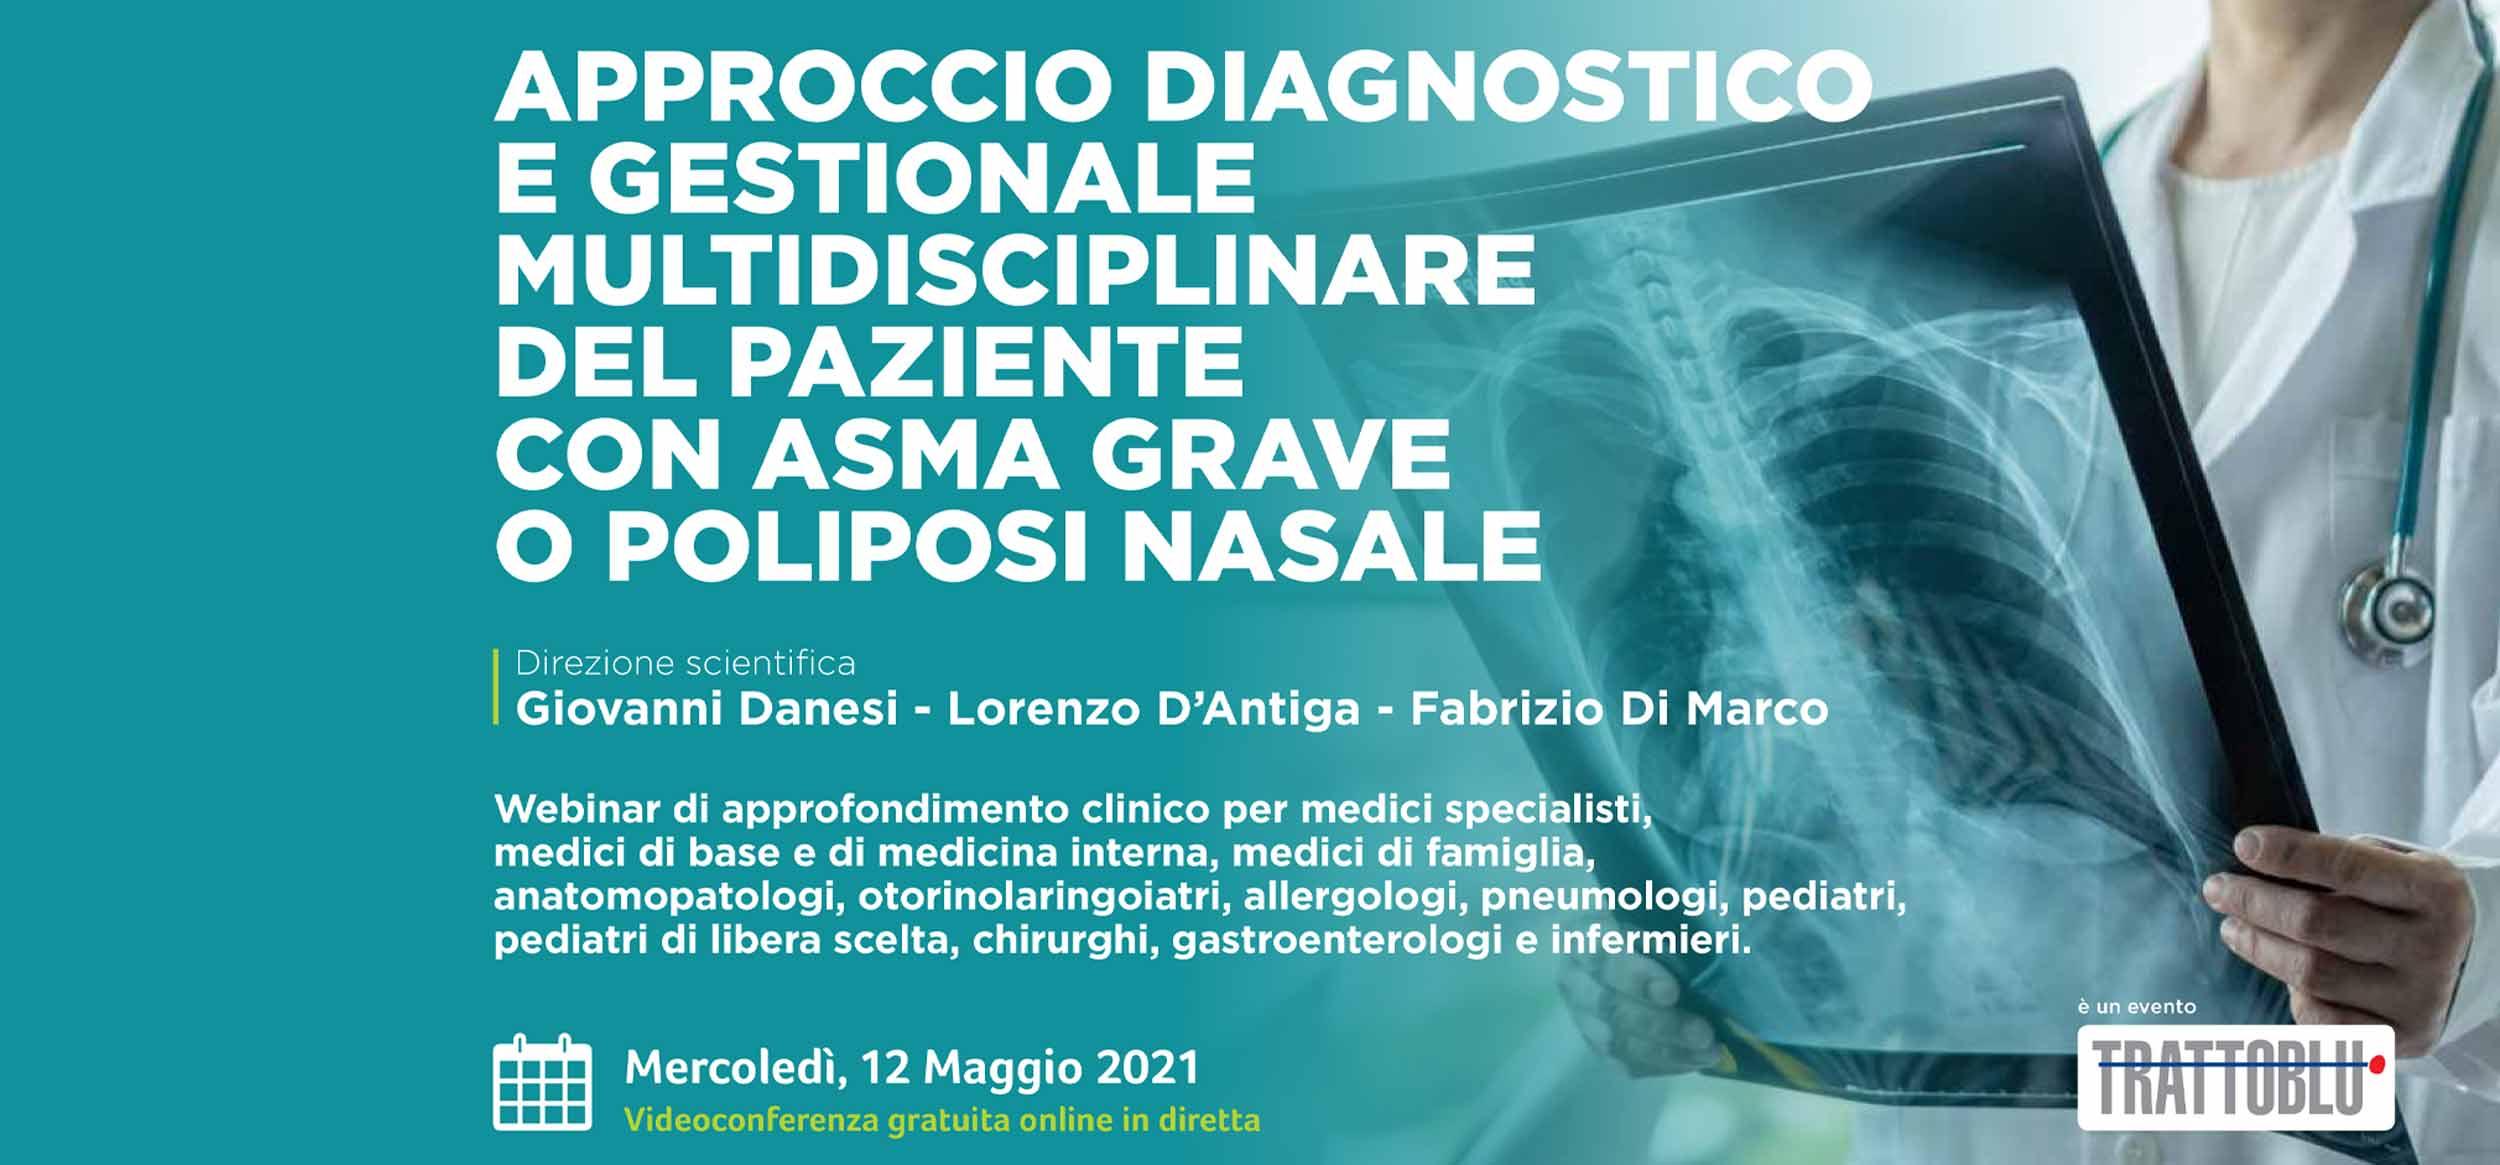 approccio-diagnostico-e-gestionale-del-paziente-con-asma-grave-o-poliposi-nasale-corso